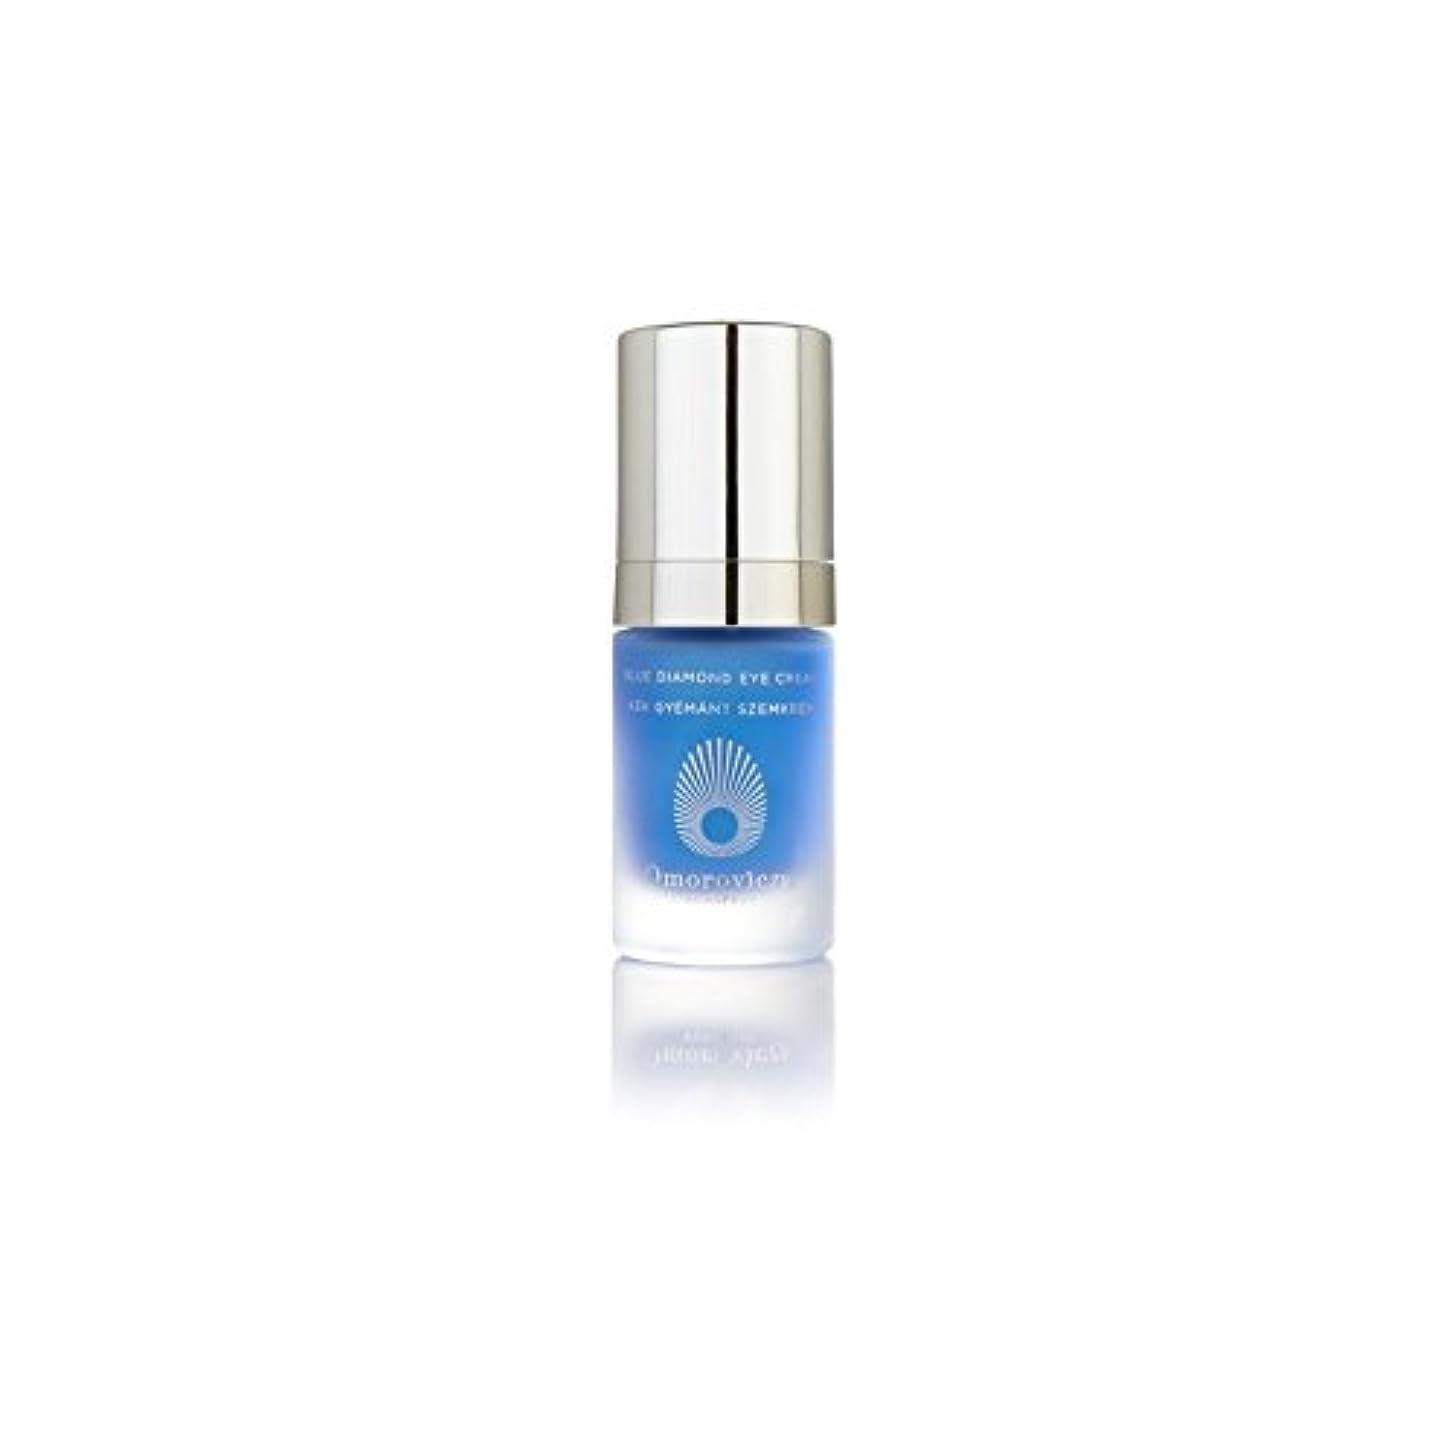 精度玉スポンサーブルーダイヤモンドアイクリーム(15ミリリットル) x2 - Omorovicza Blue Diamond Eye Cream (15ml) (Pack of 2) [並行輸入品]